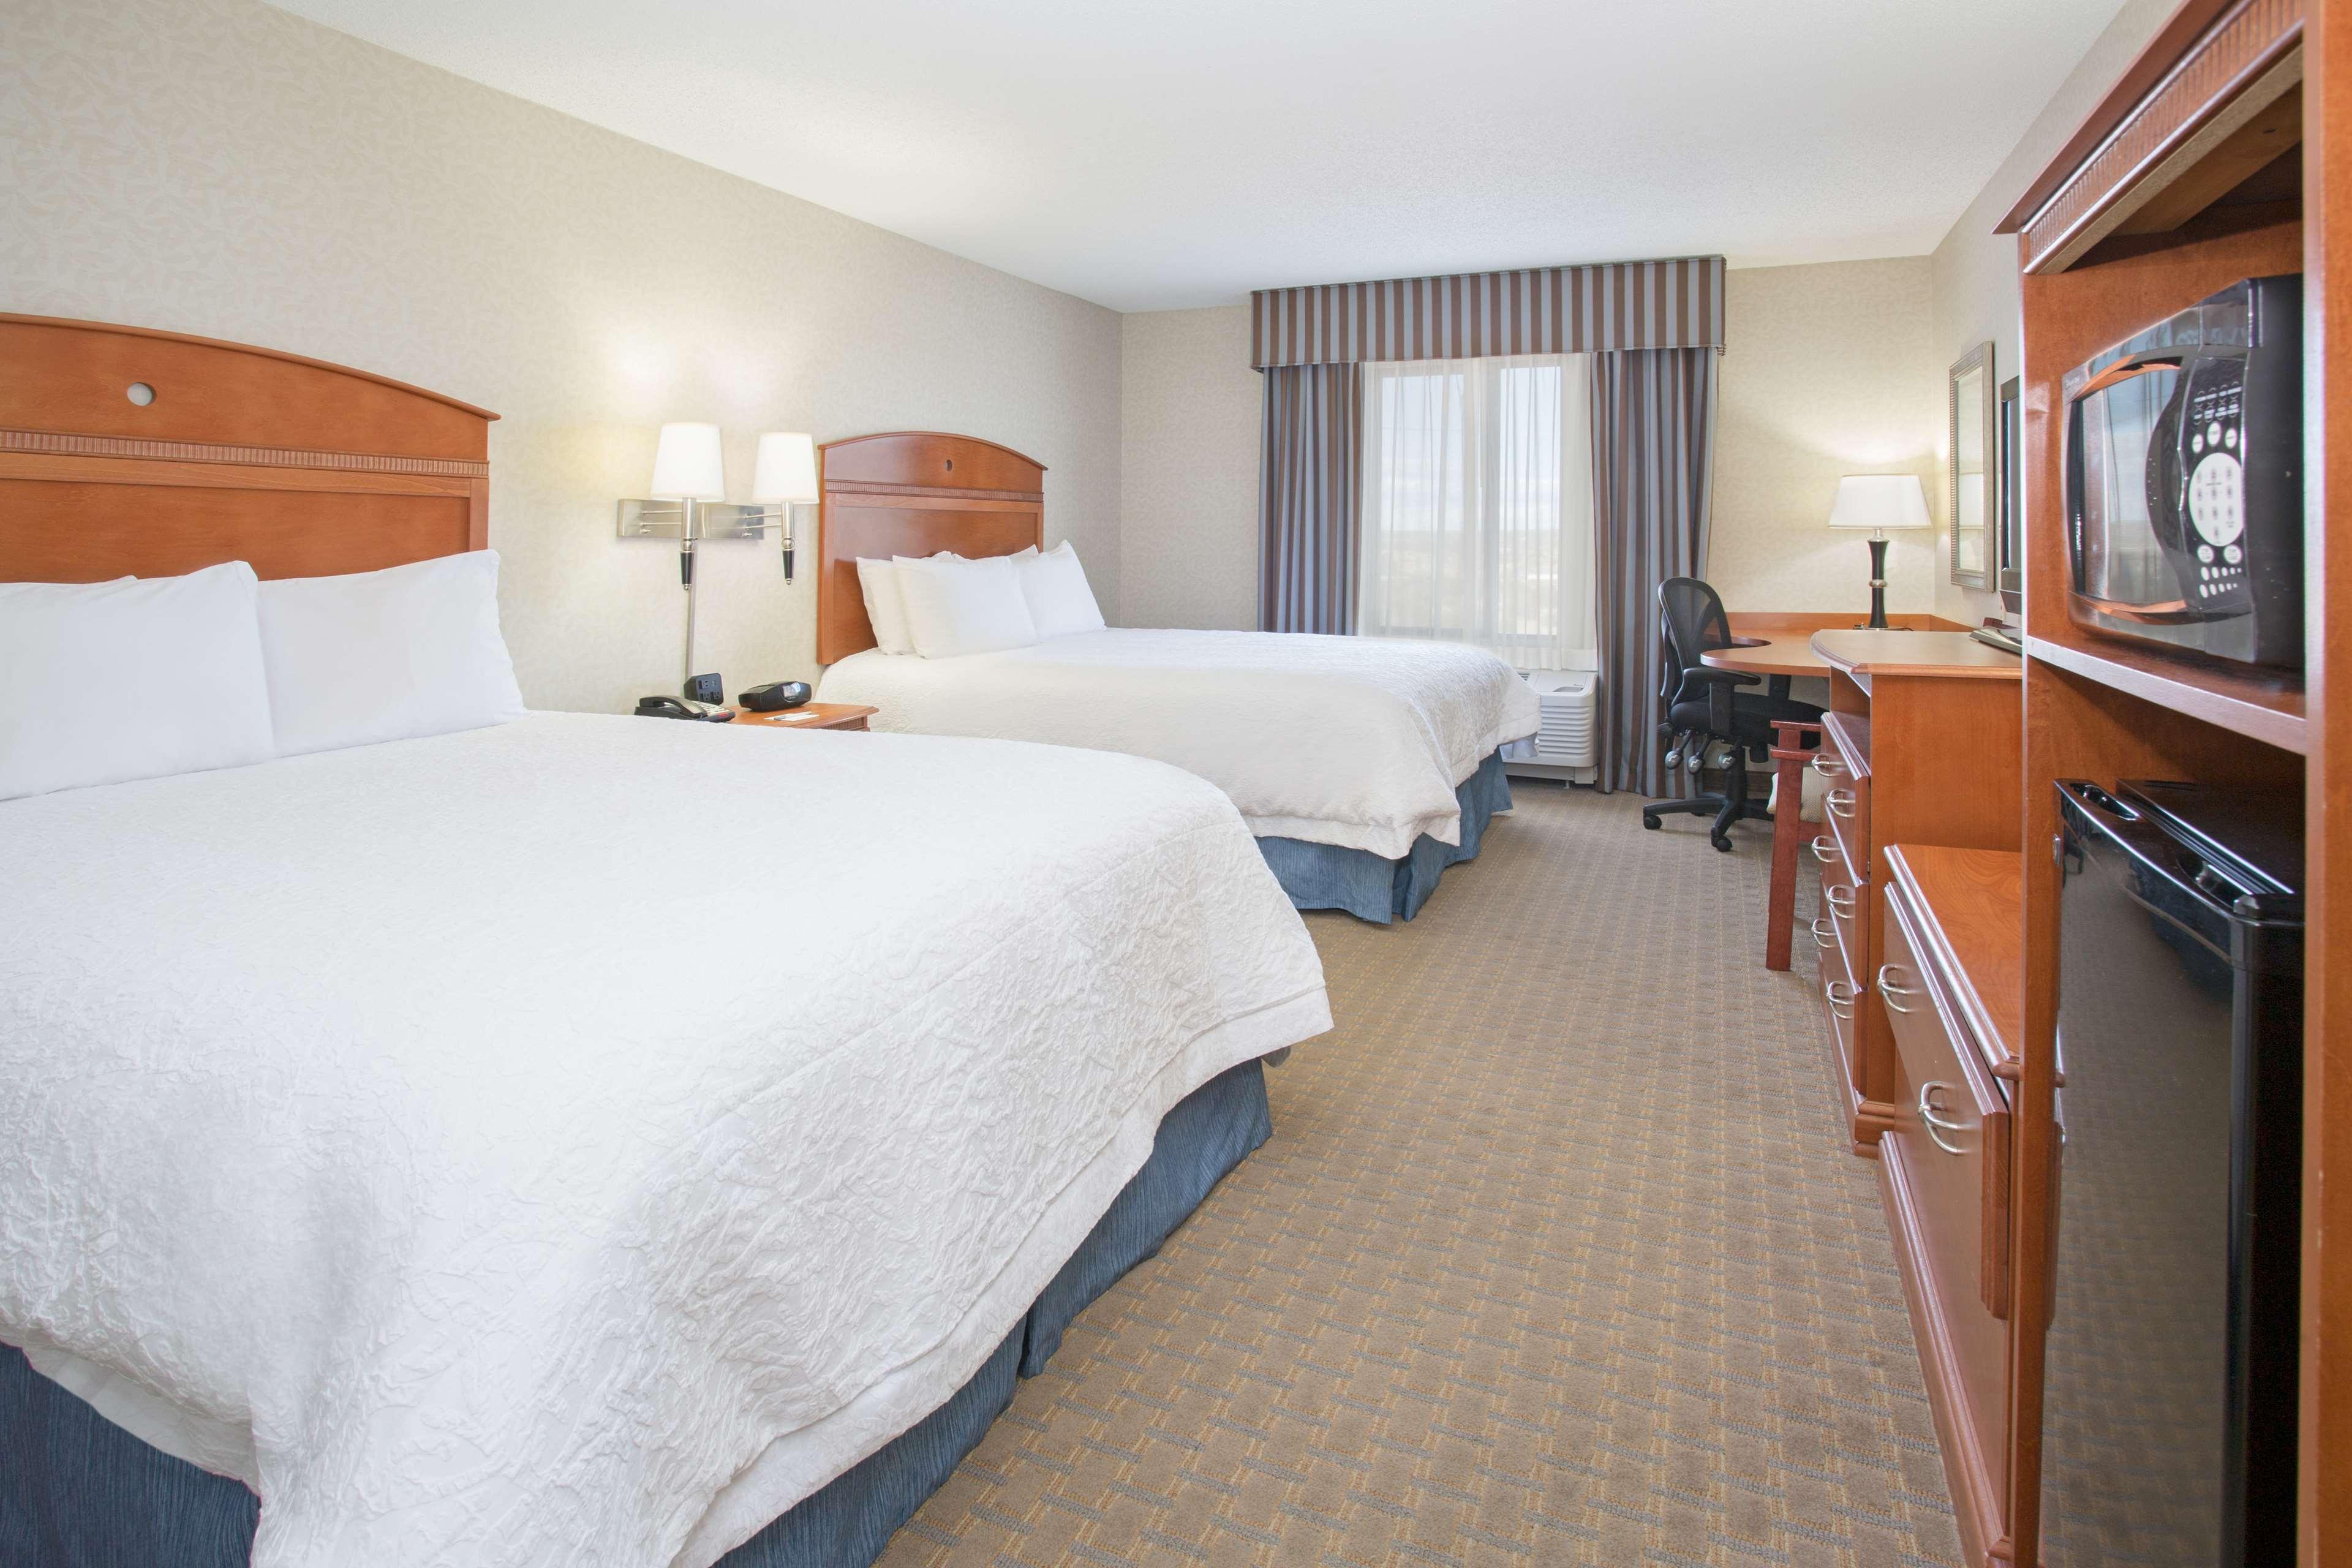 Hampton Inn Santa Rosa image 12